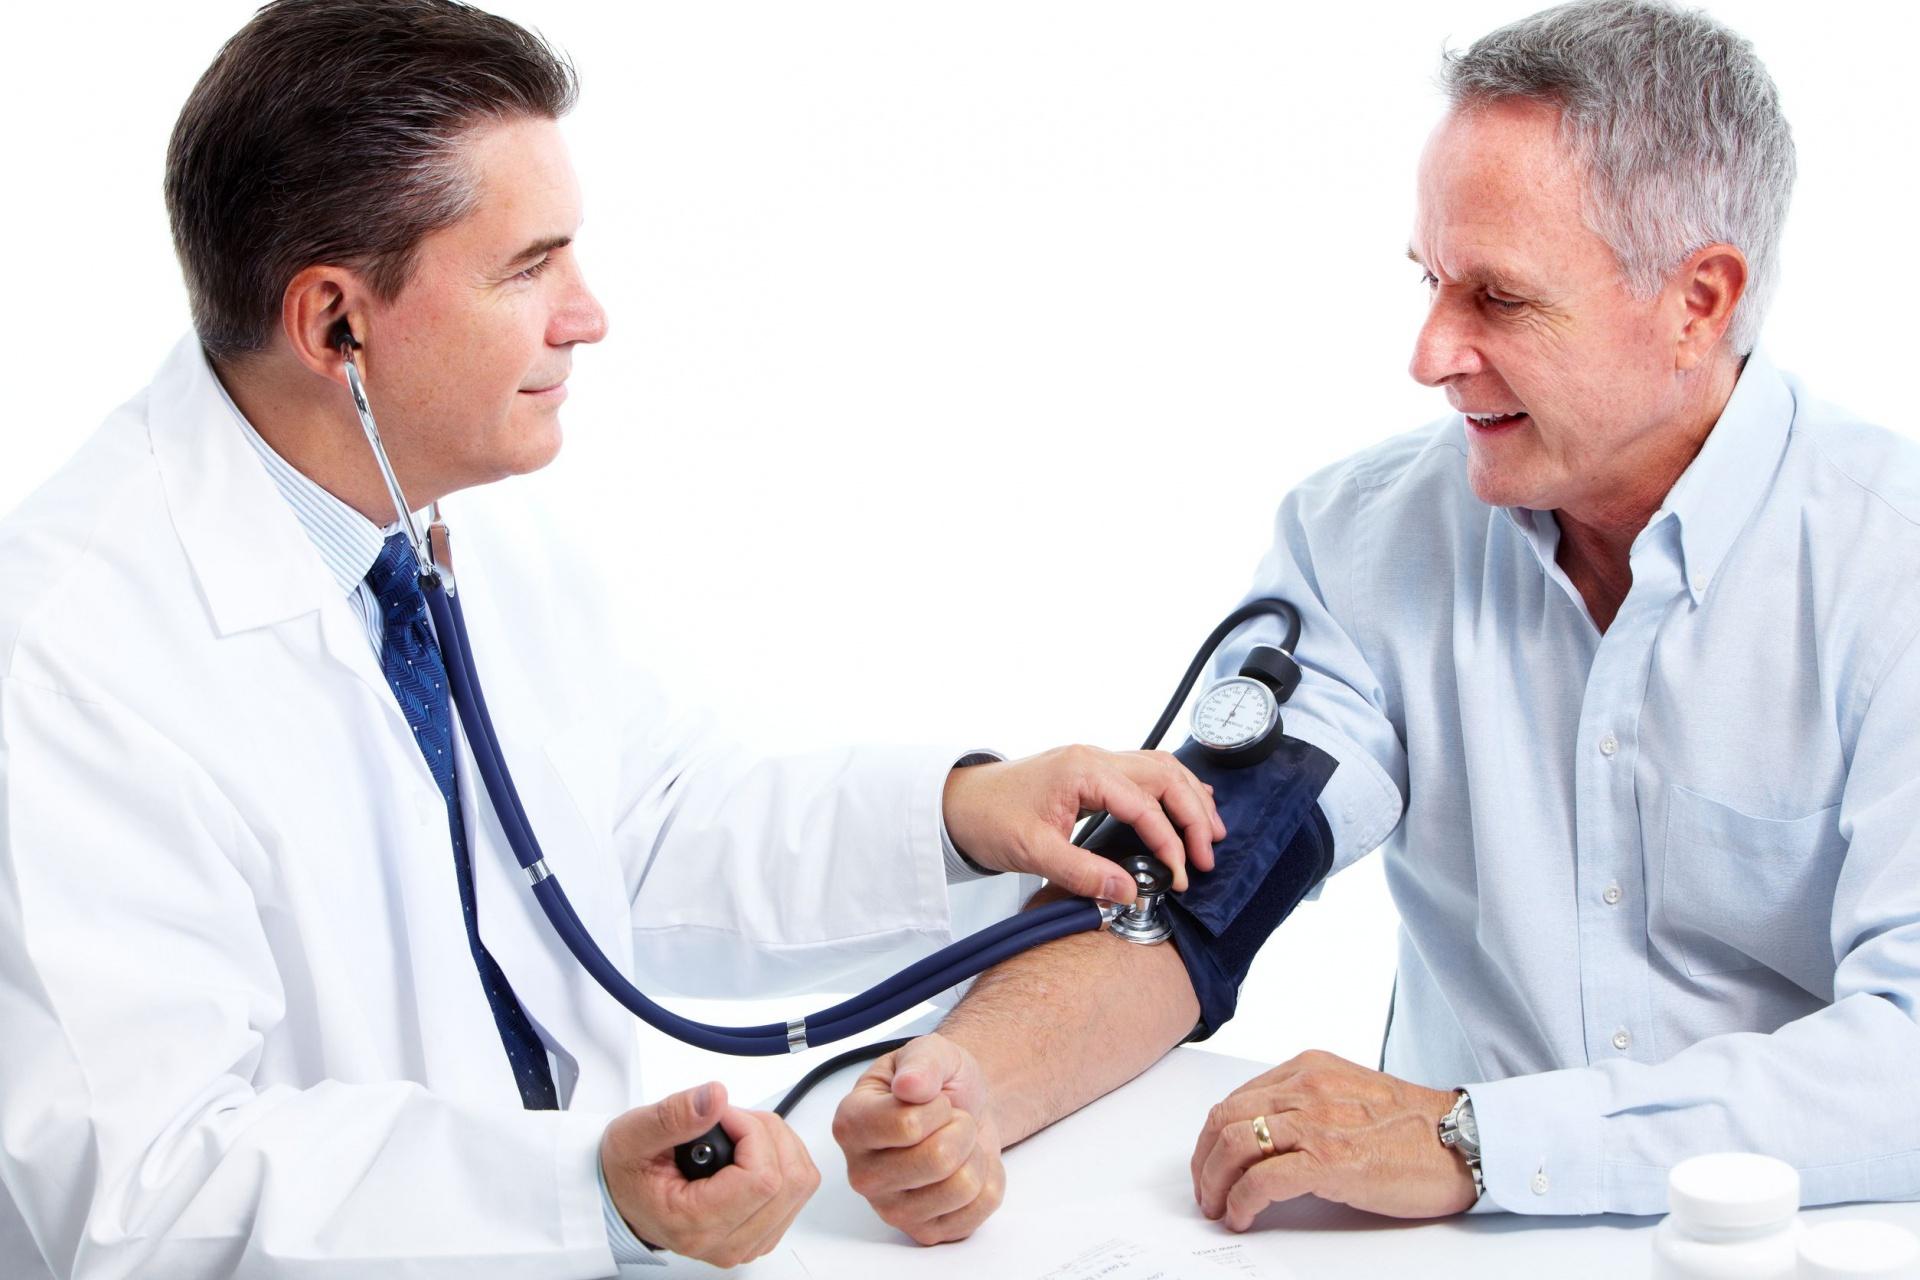 arifon magas vérnyomás esetén fokozott magas vérnyomás kezelés